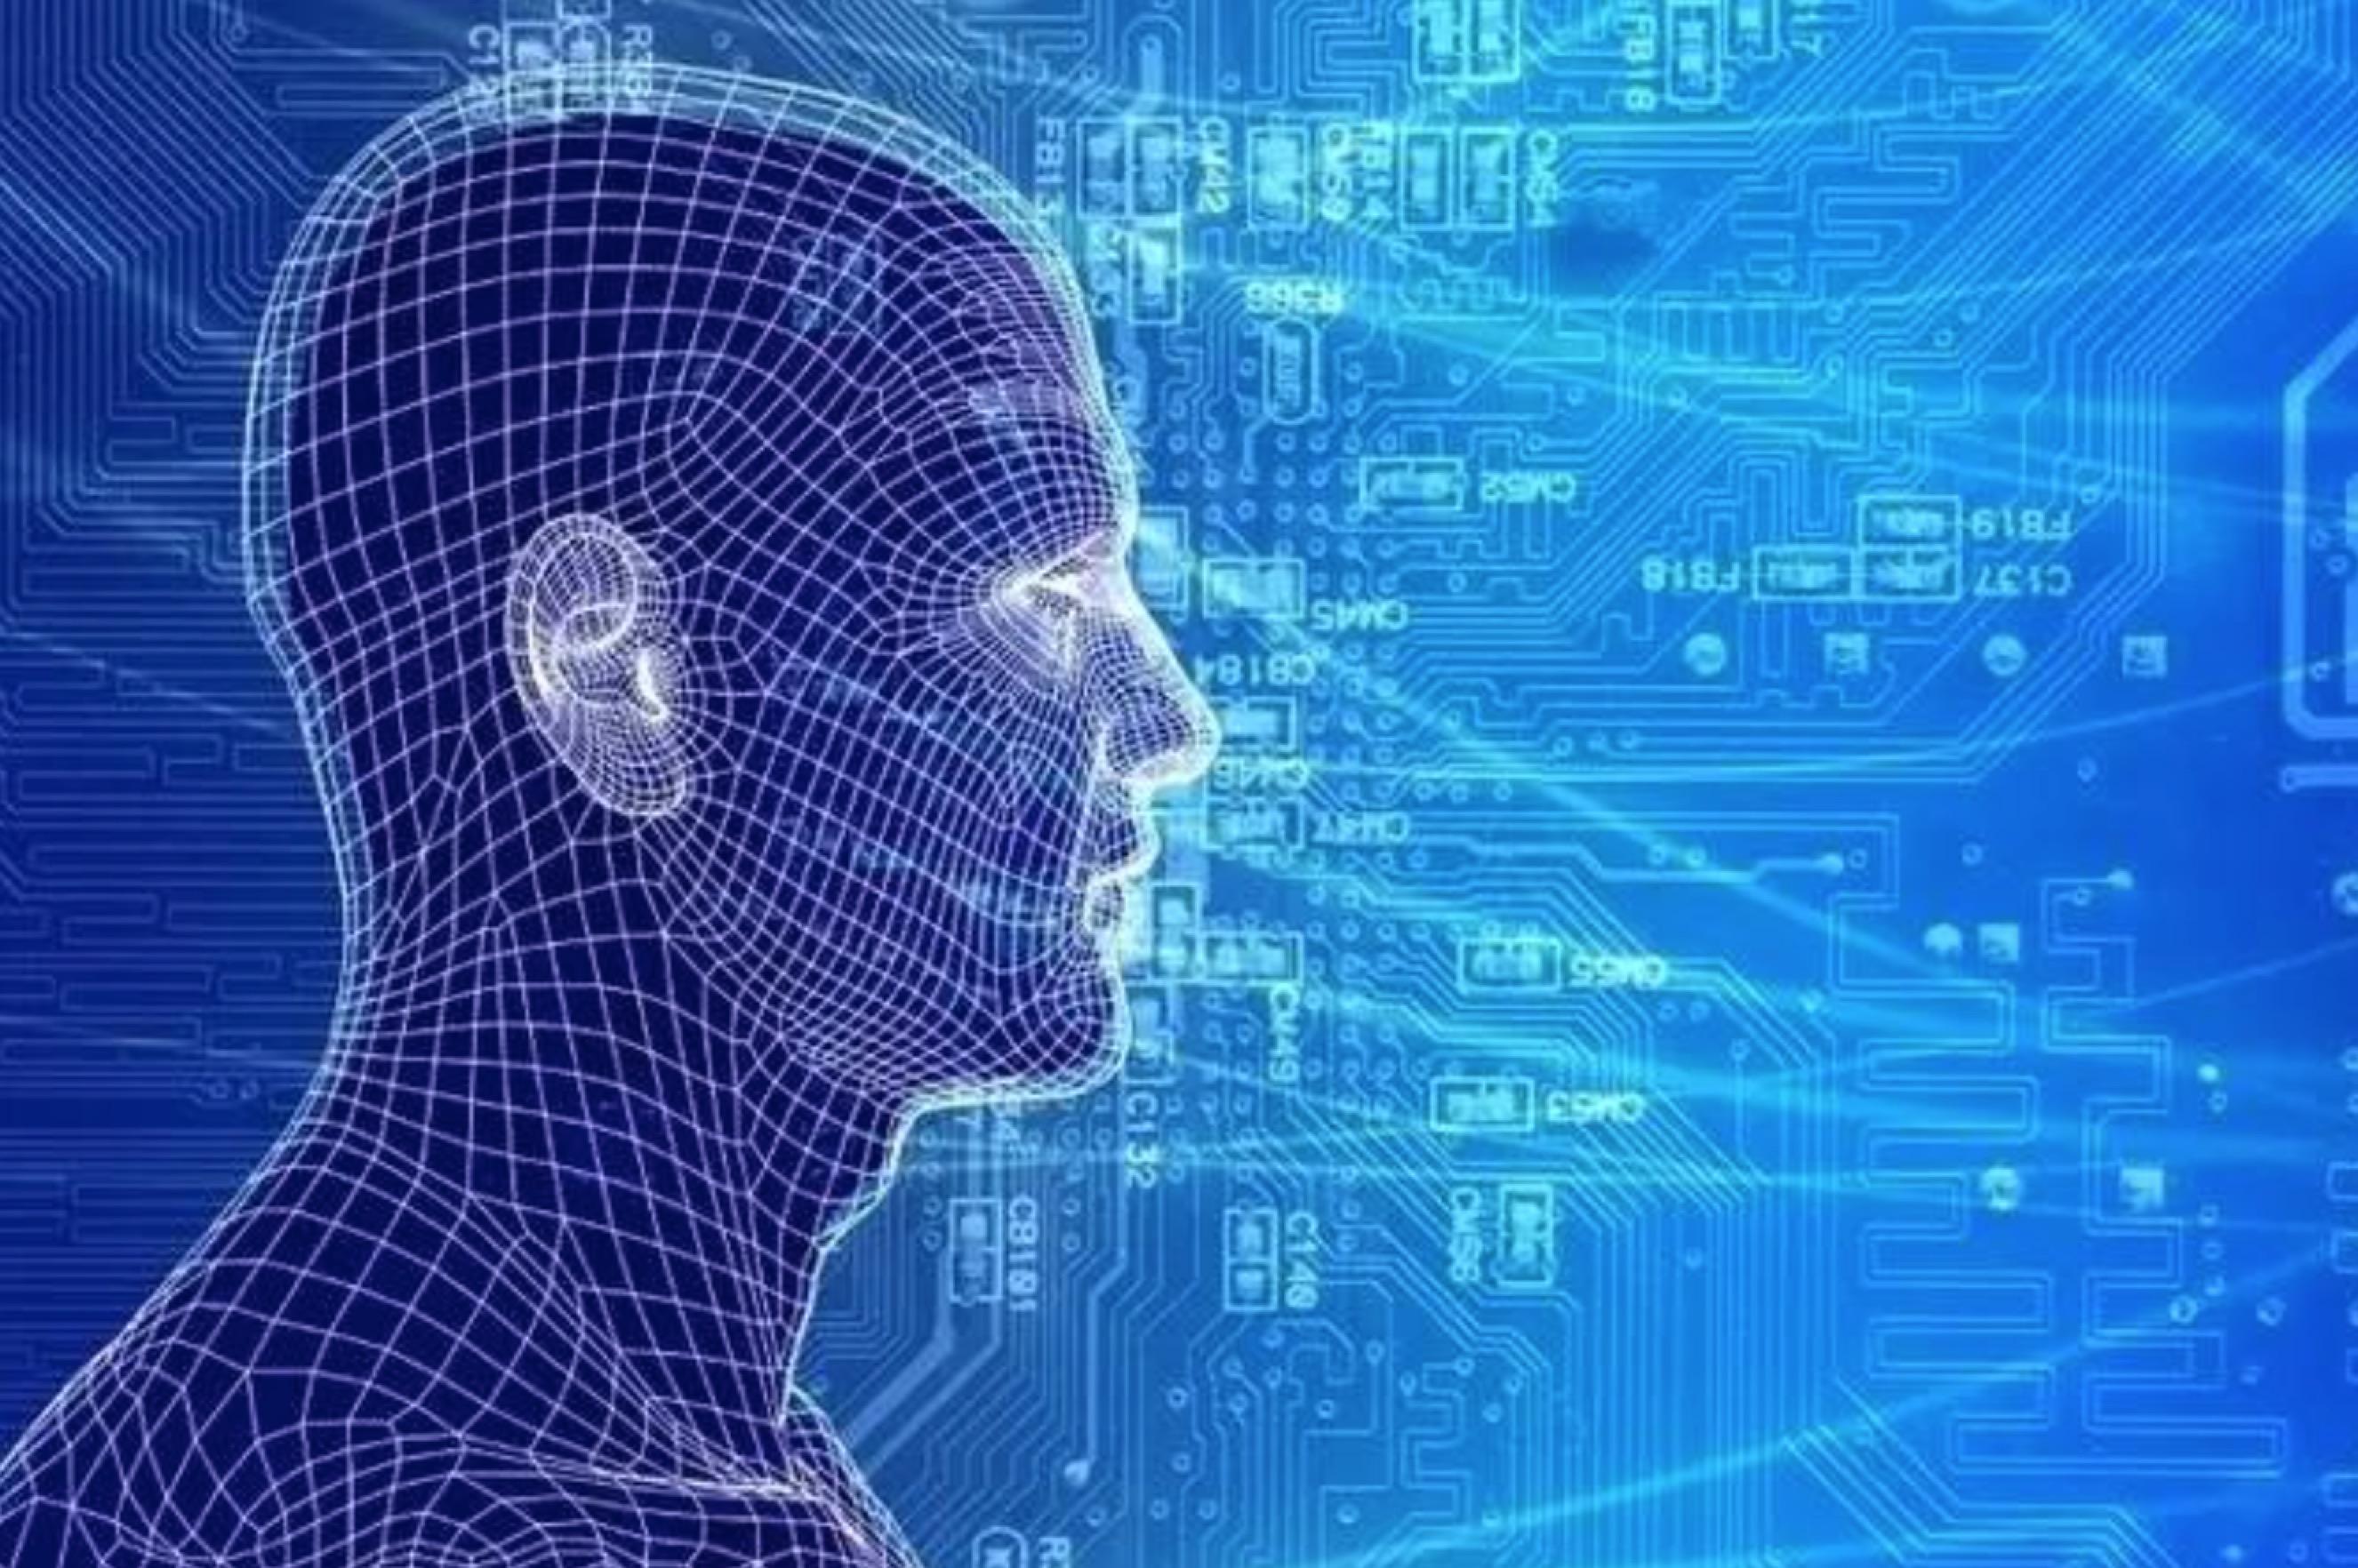 当AI客服读懂人的情绪 是该高兴还是惊出冷汗?